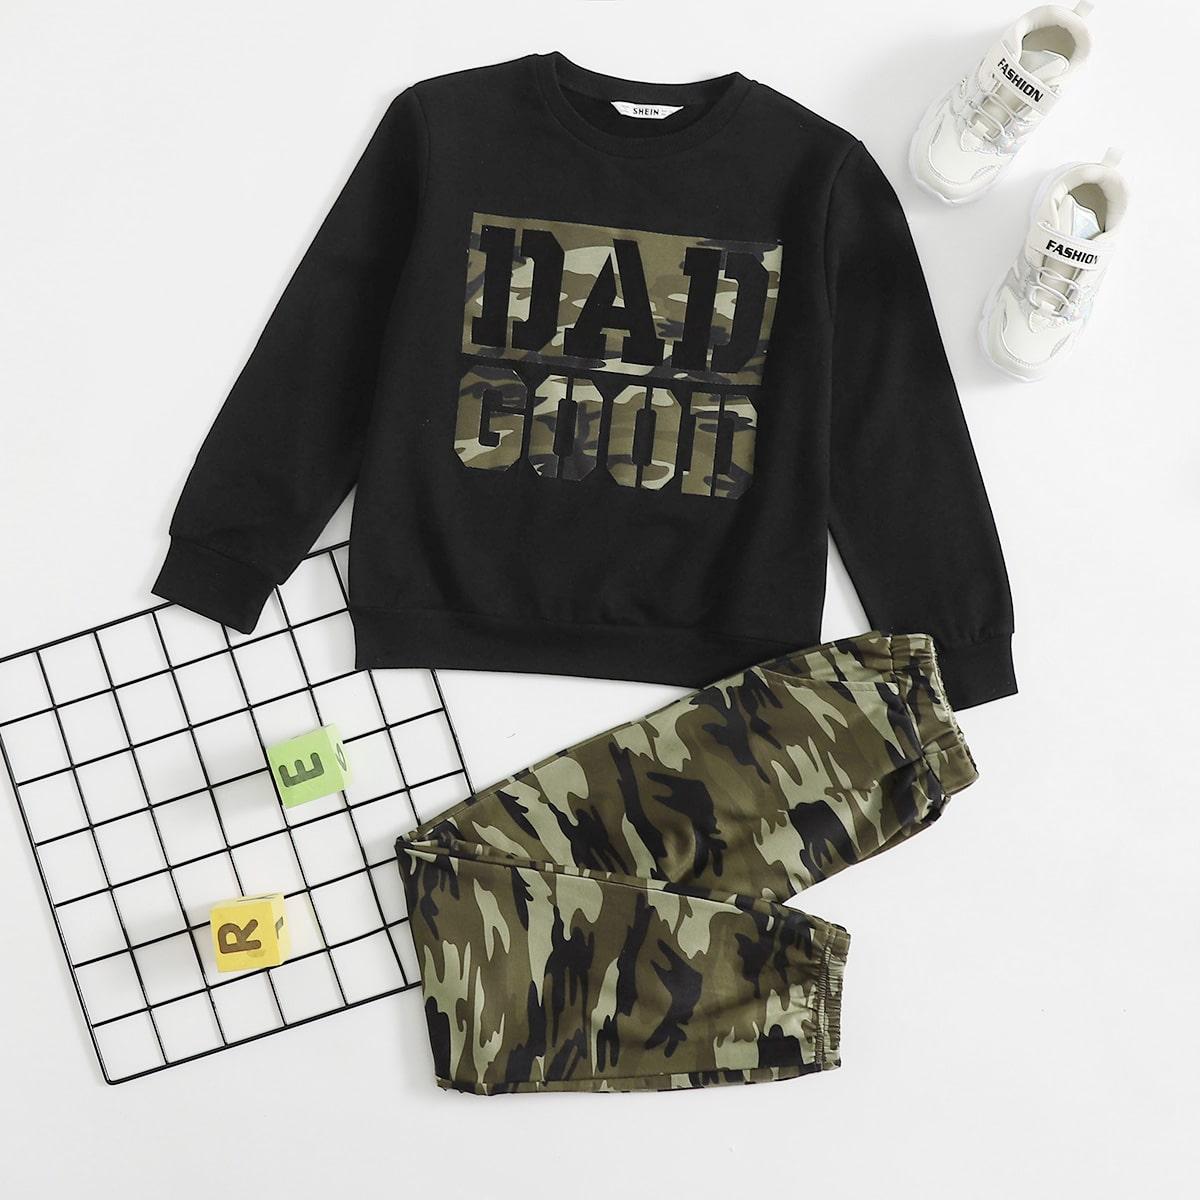 Пуловер с текстовым принтом и спортивные брюки с камуфляжным принтом для мальчиков